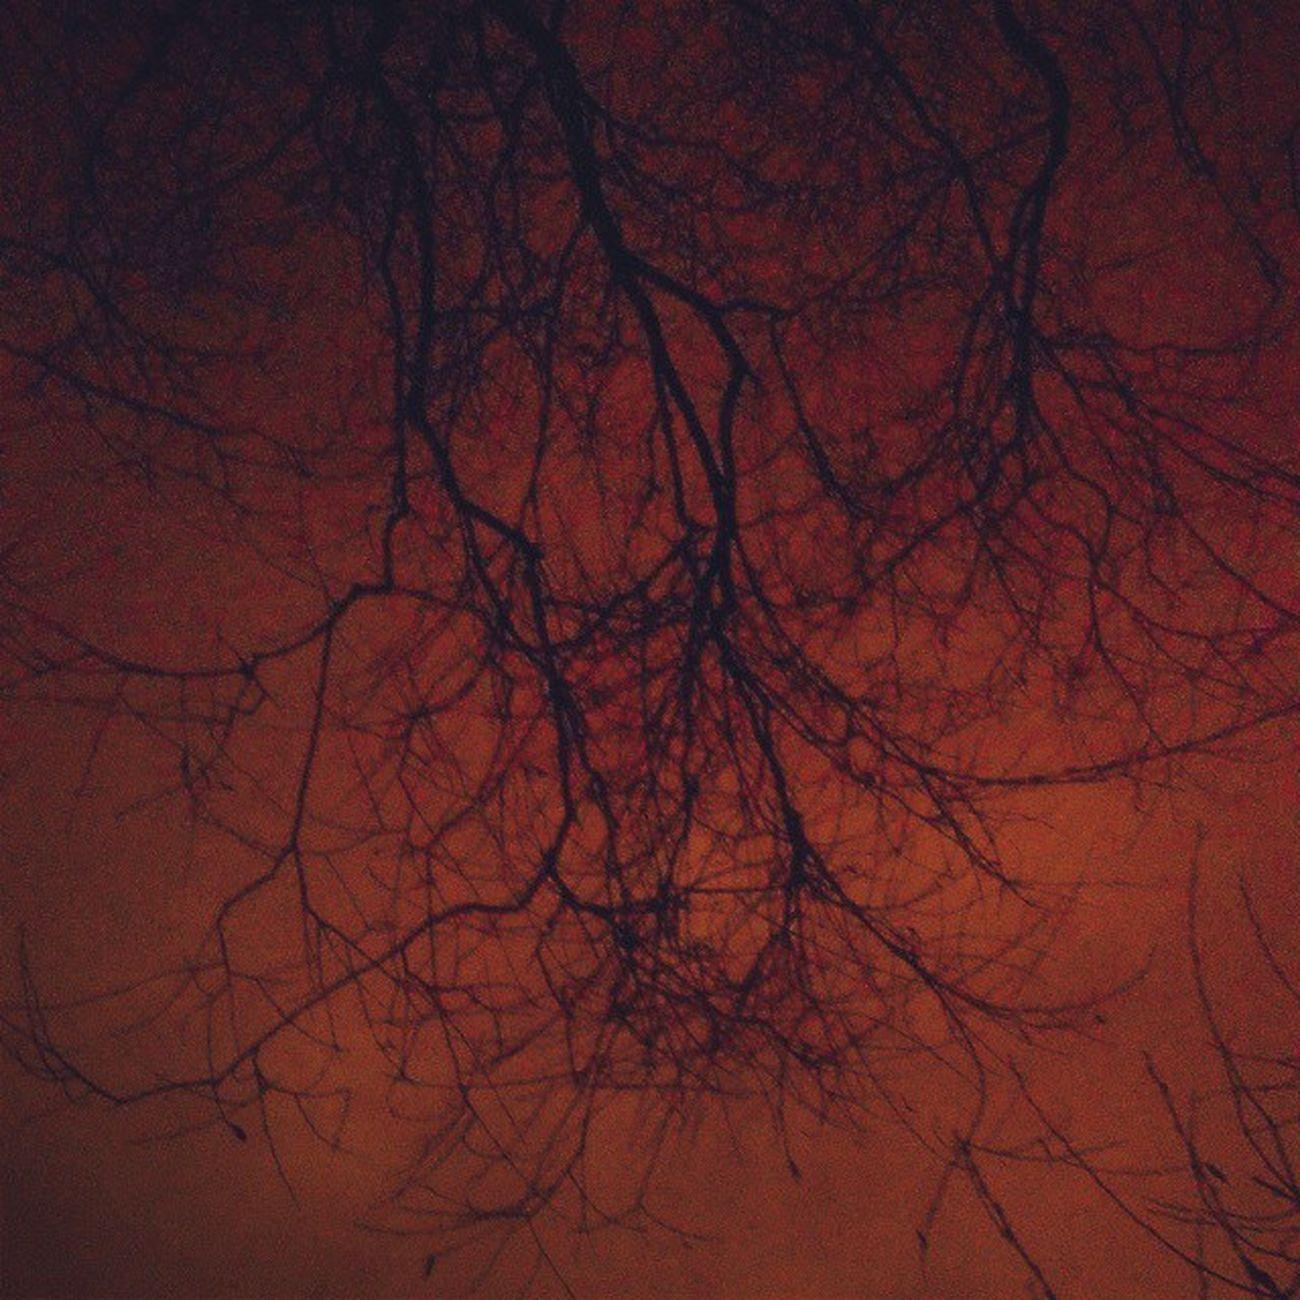 Разрушить паутину вен. Забыться... движеньем резким всколыхнуть тягучий свет, секунды лишней не жалеть. Проститься... И сгинуть в листопаде бренных лет. Postrock Witchhouse